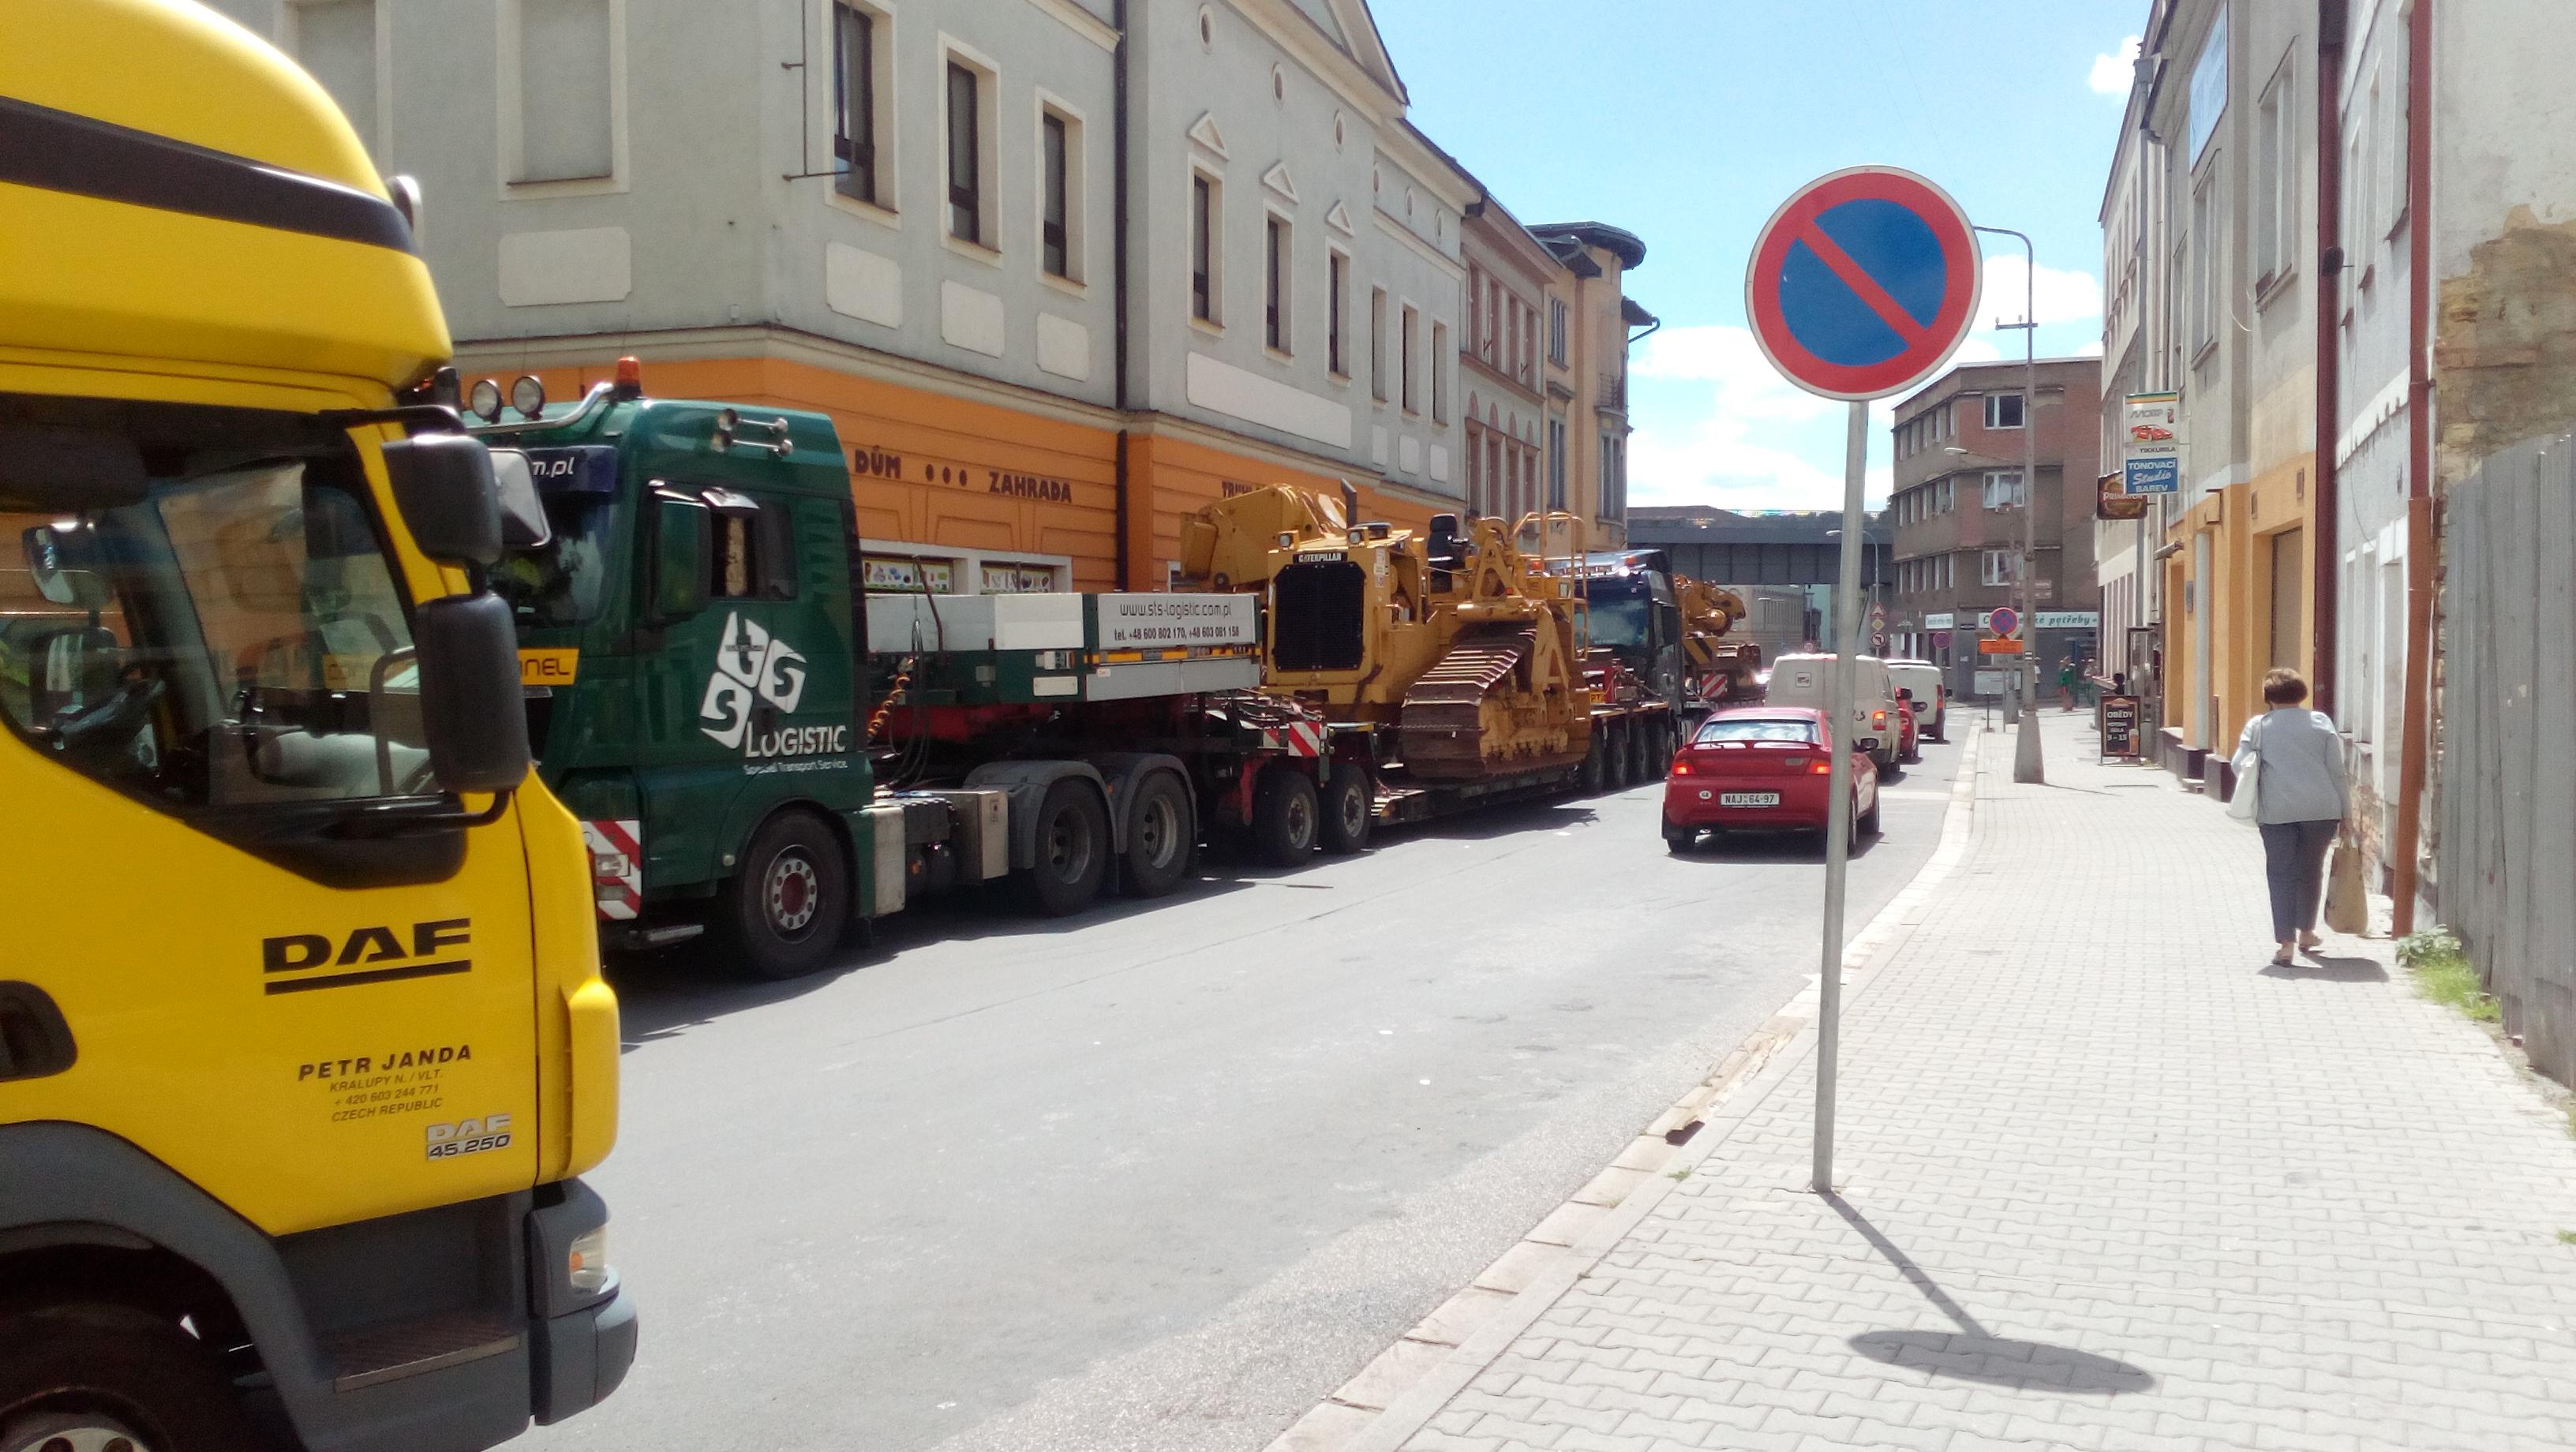 Nadrozměrný náklad zablokoval dopravu.